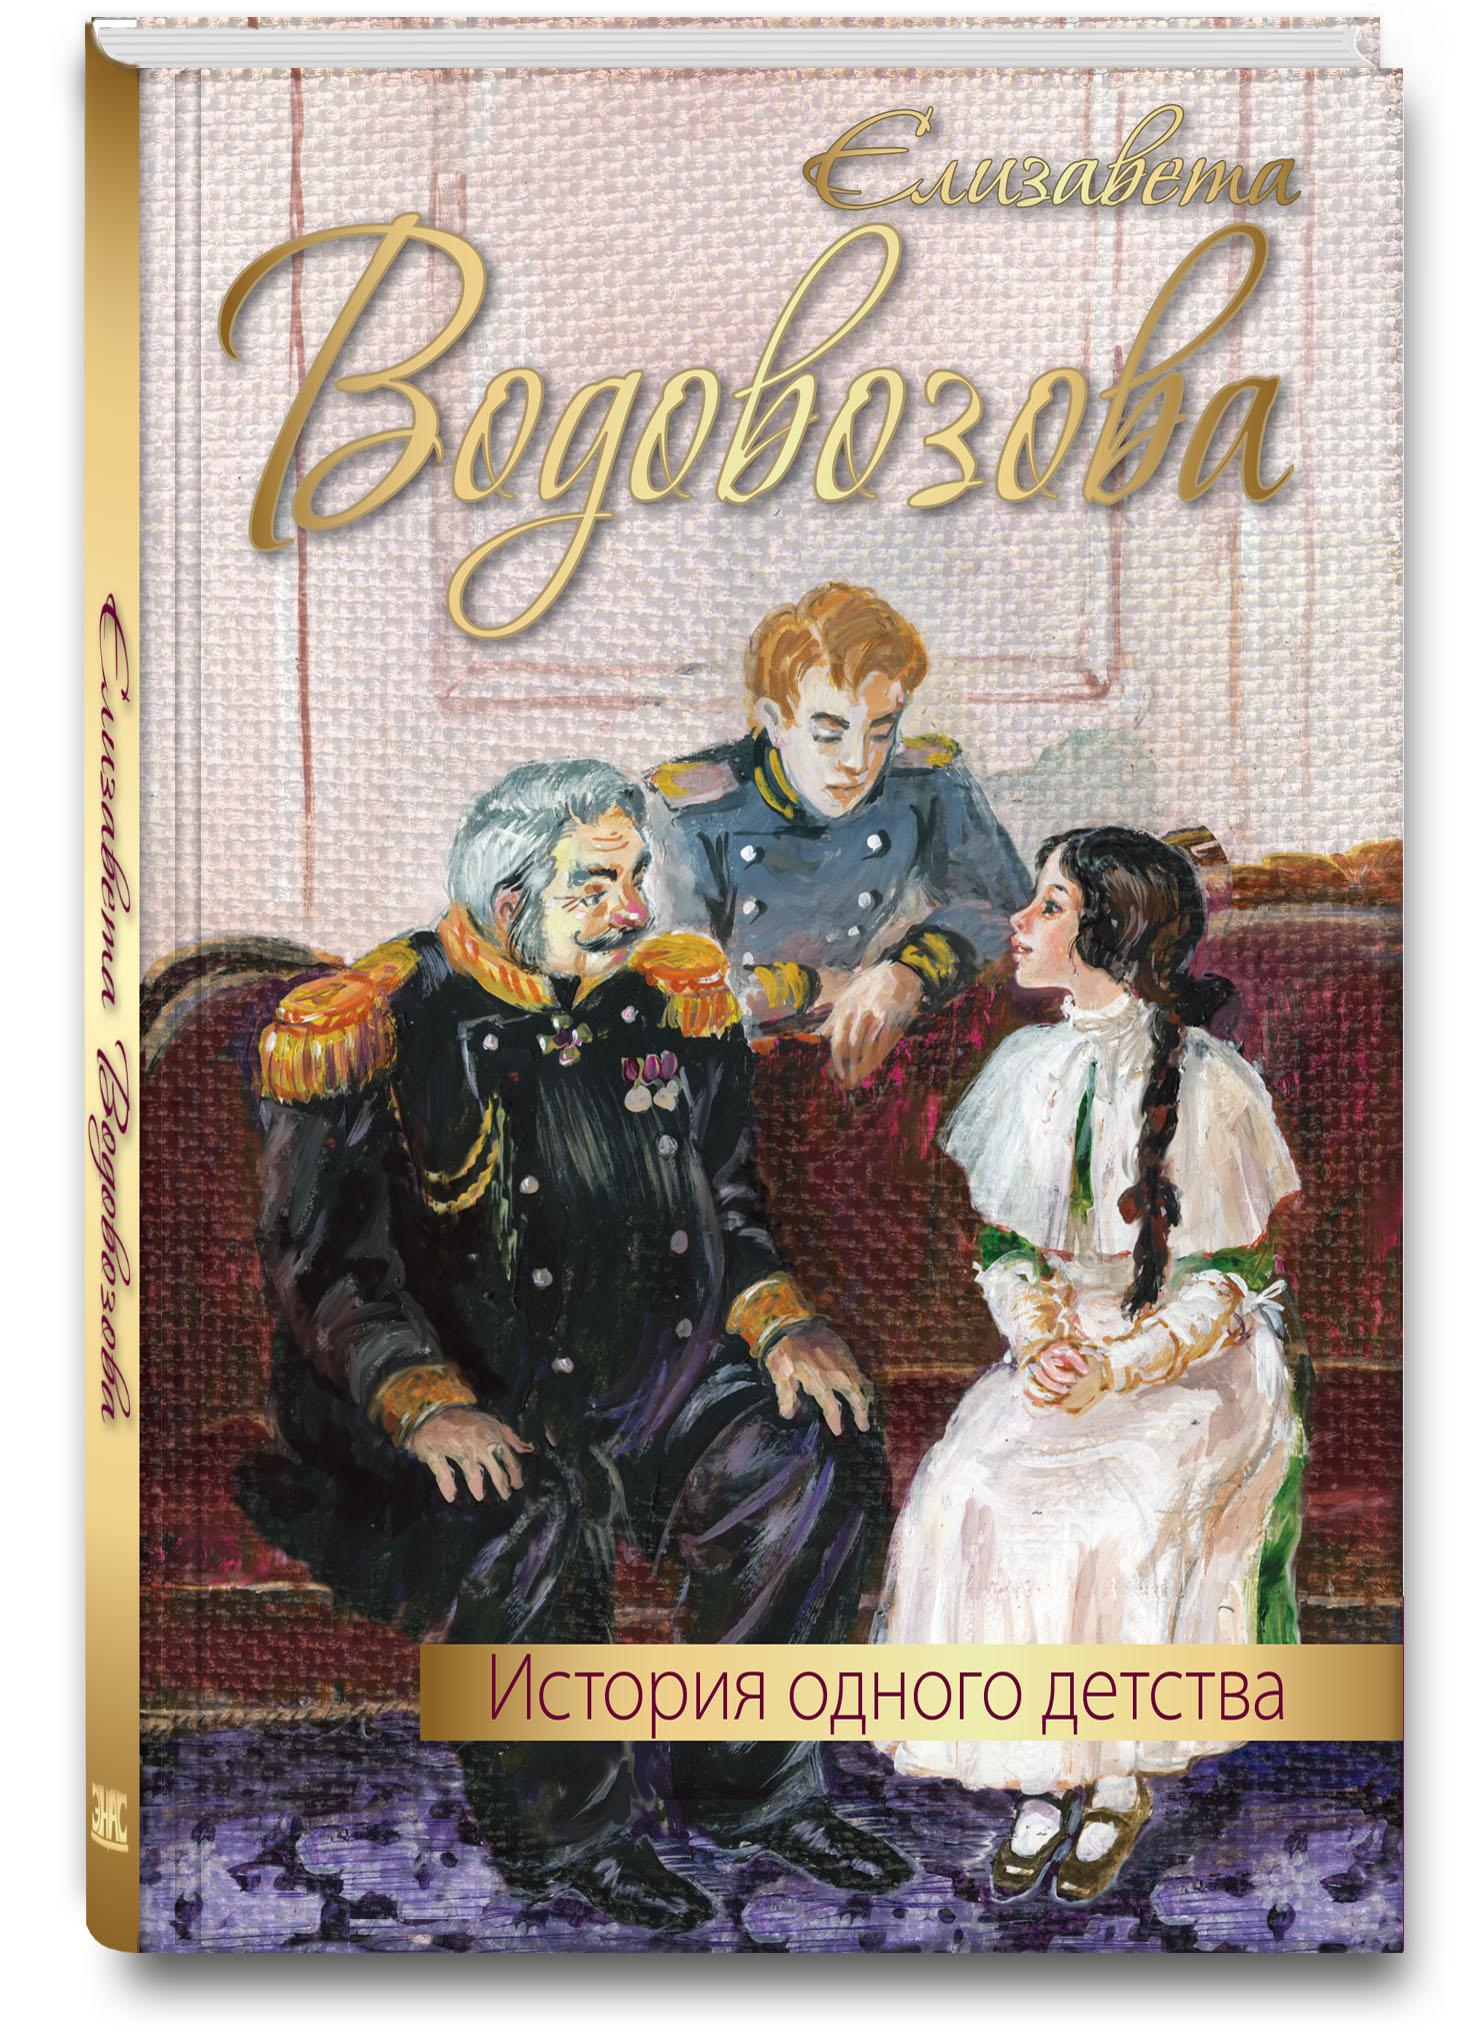 Елизавета Водовозова История одного детства ольга дмитриева елизавета тюдор